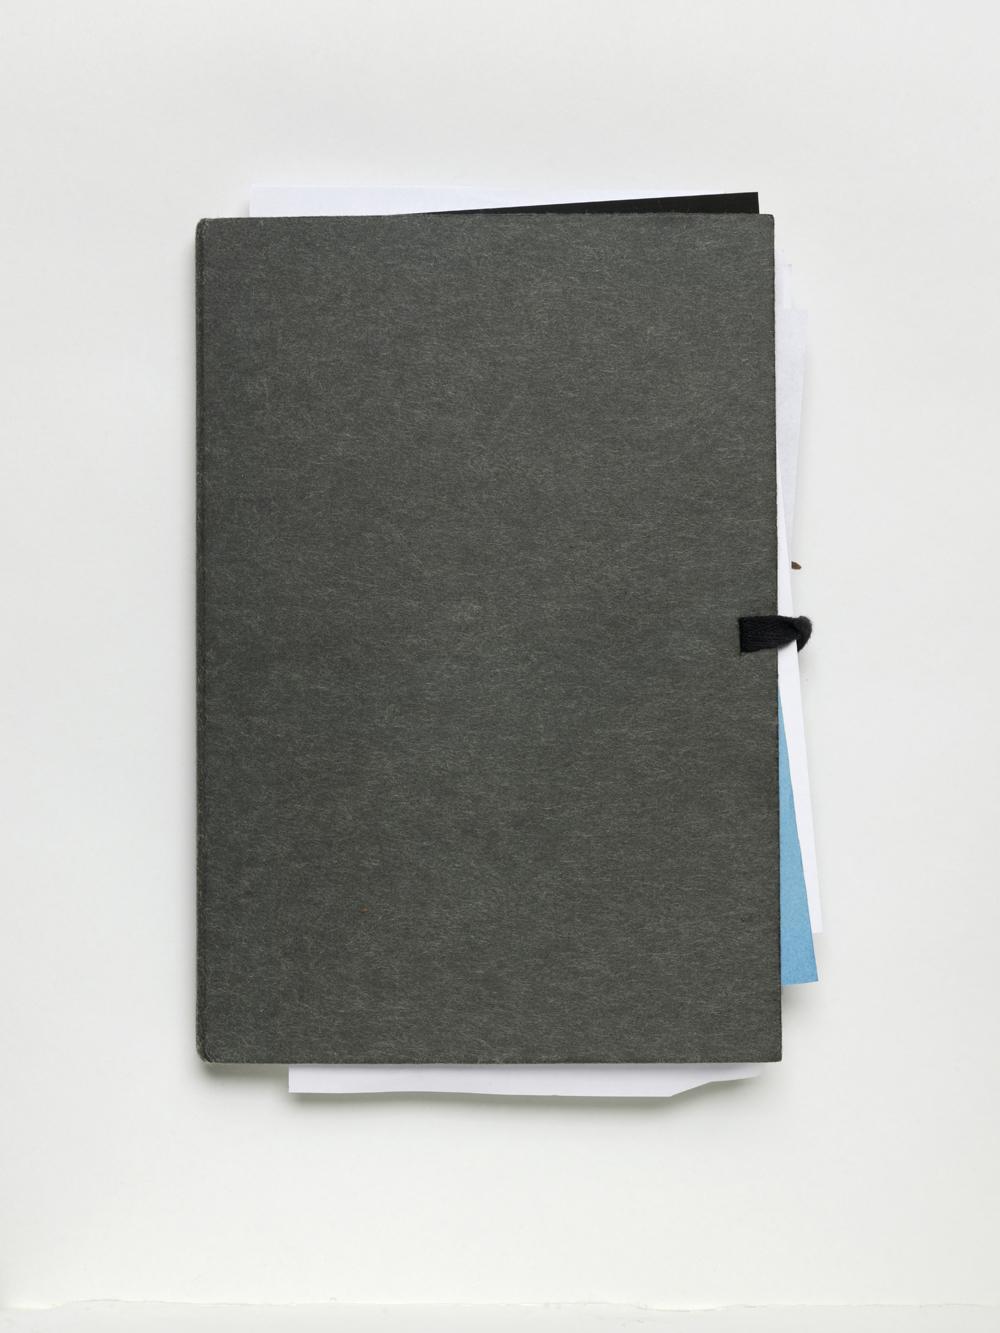 BD 01 boek #def-def zondag_0219.jpg